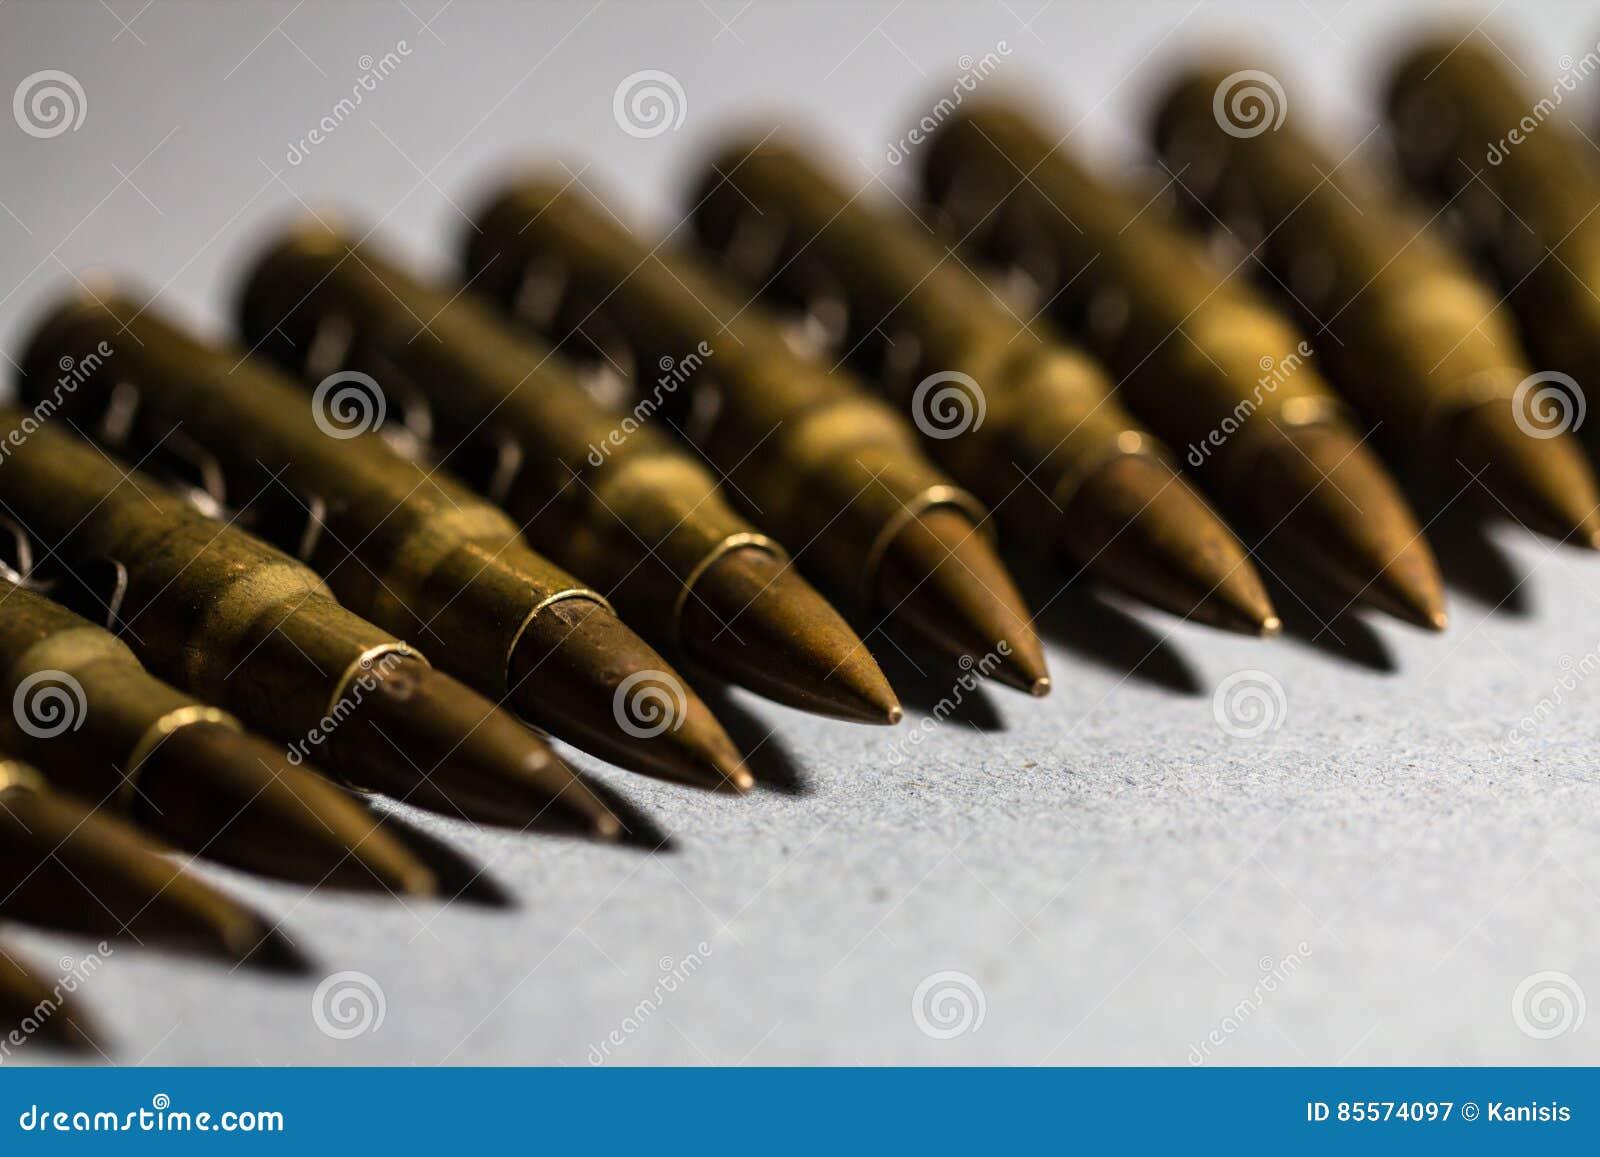 Компановка пули как преступник, политика, насилие, конфликт, опасность